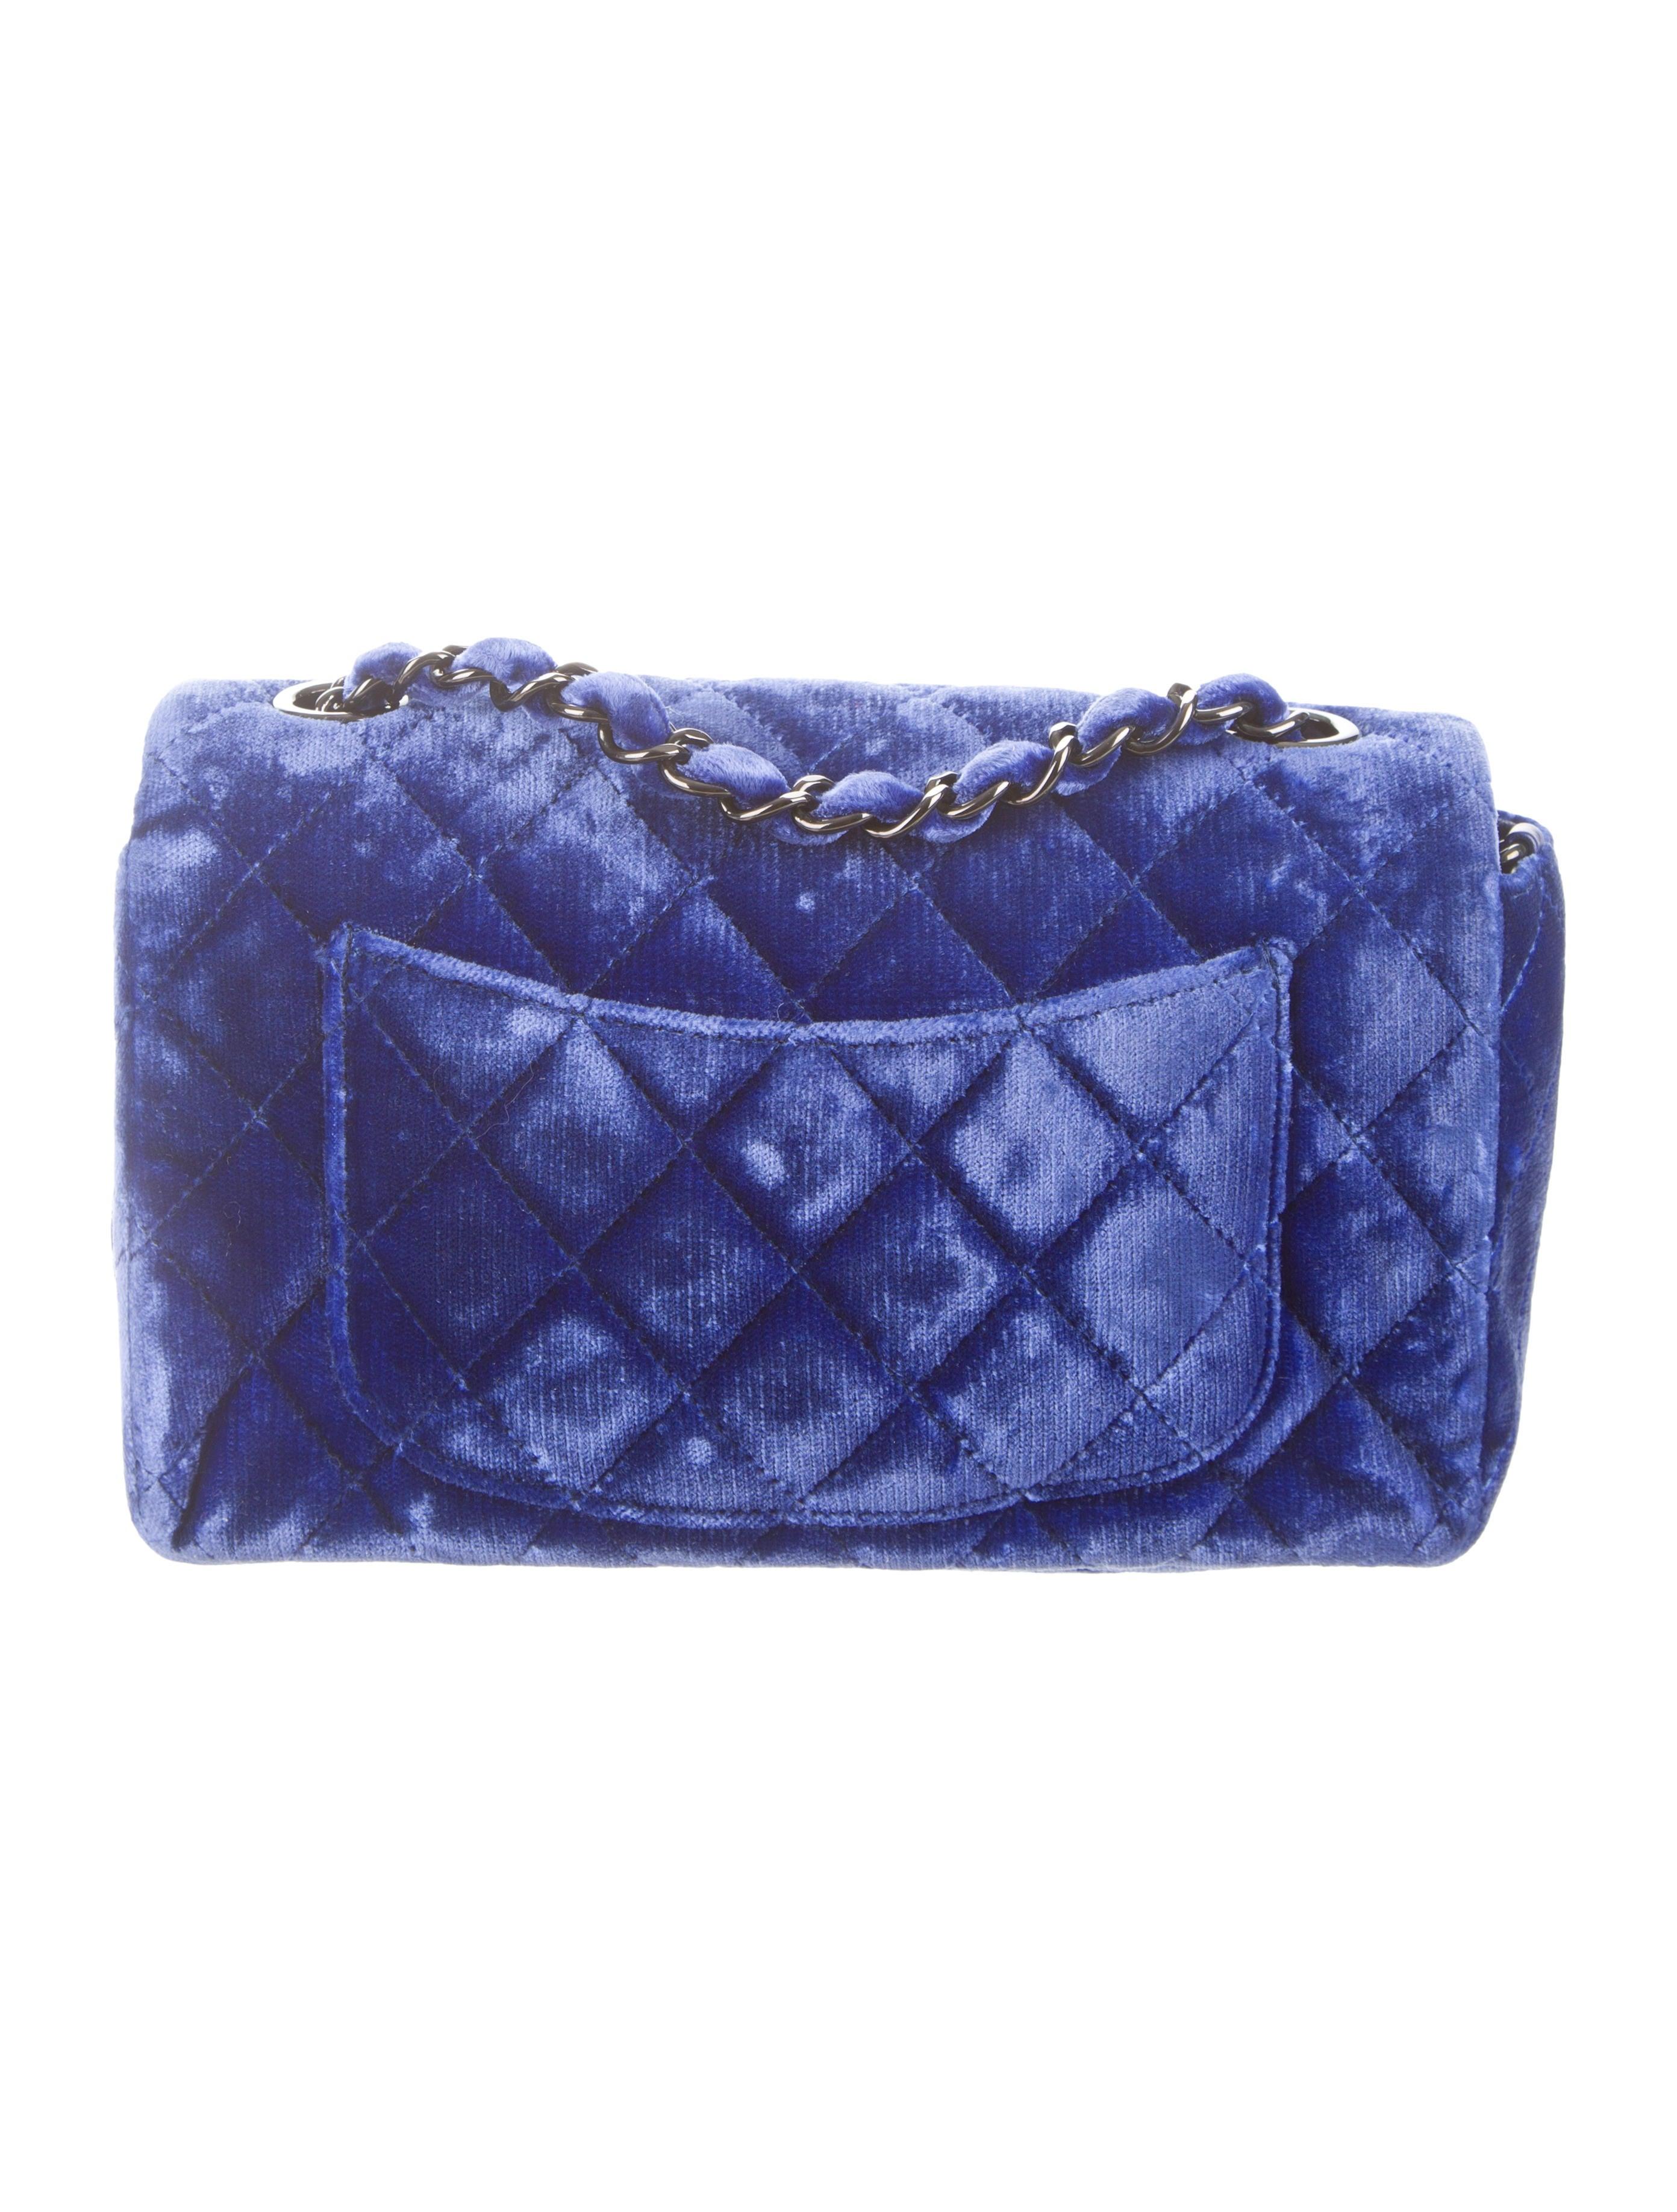 Chanel Velvet Quilted Mini Flap Bag Handbags Cha84195